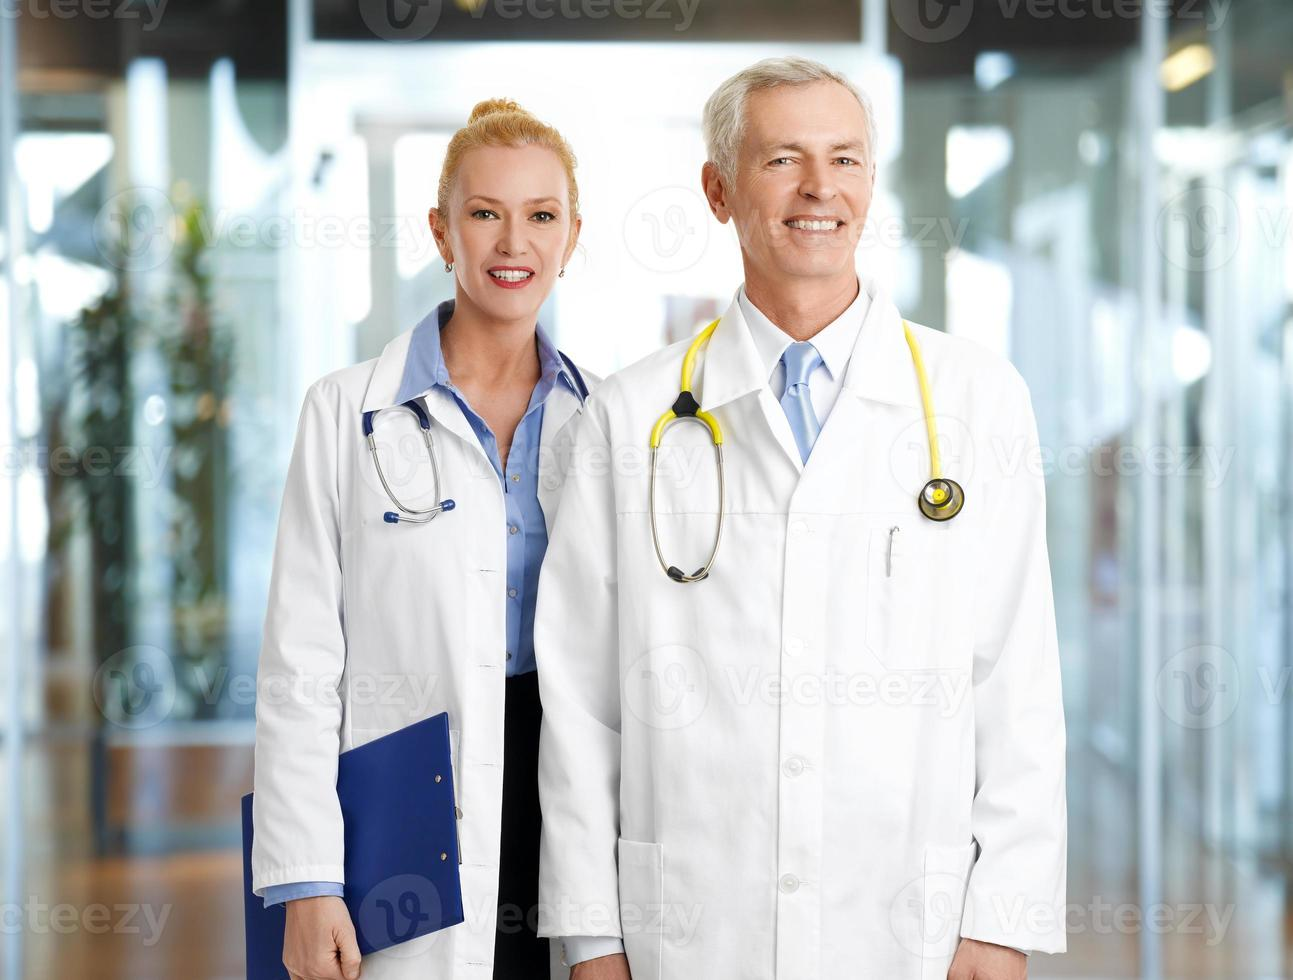 medici in ospedale foto